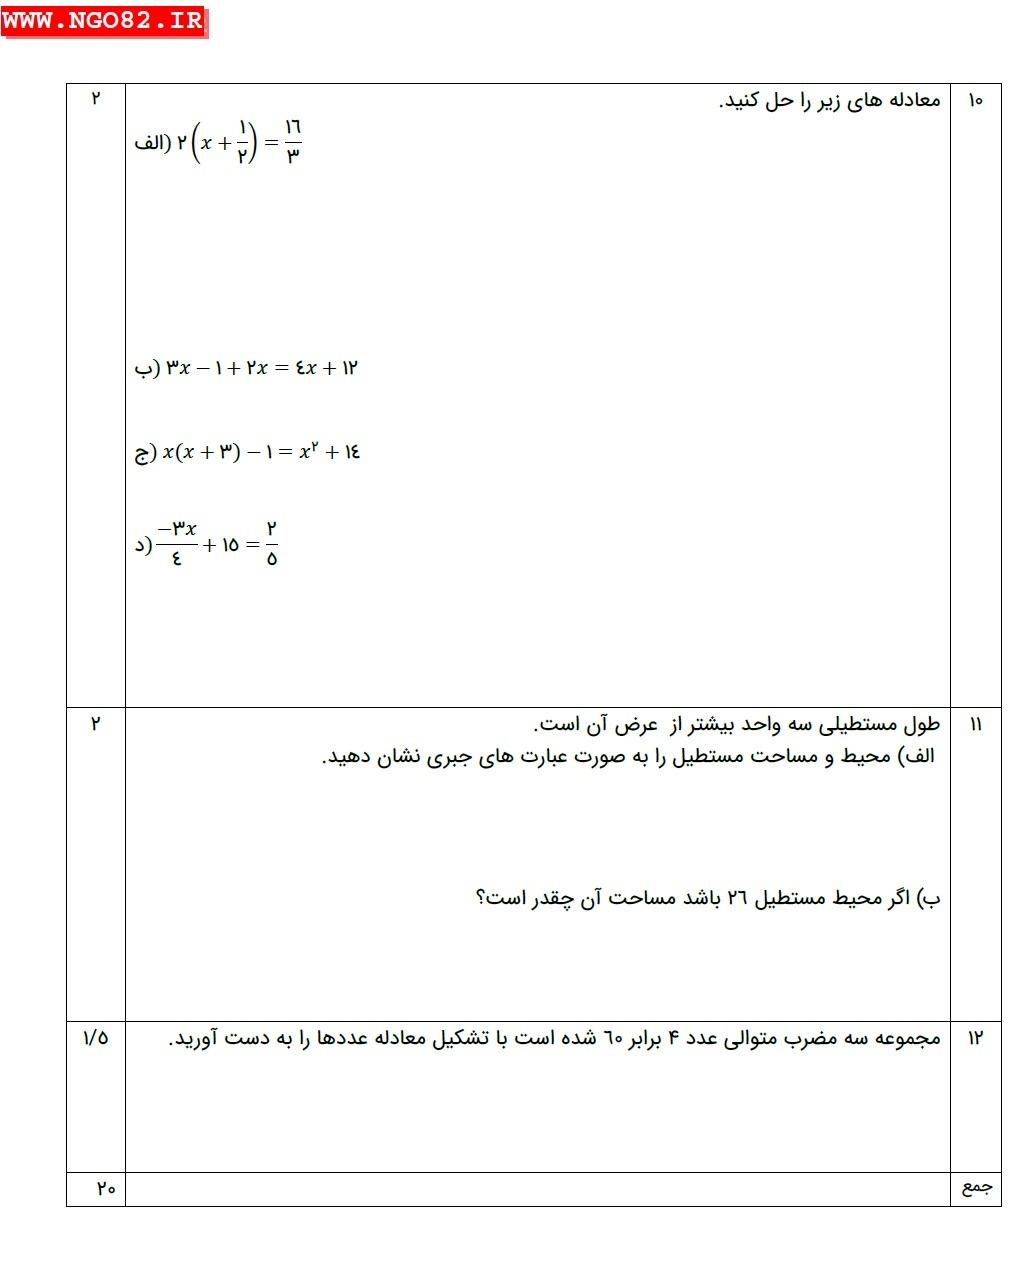 نمونه سوال ریاضی هشتم فصل 4 با جواب 4